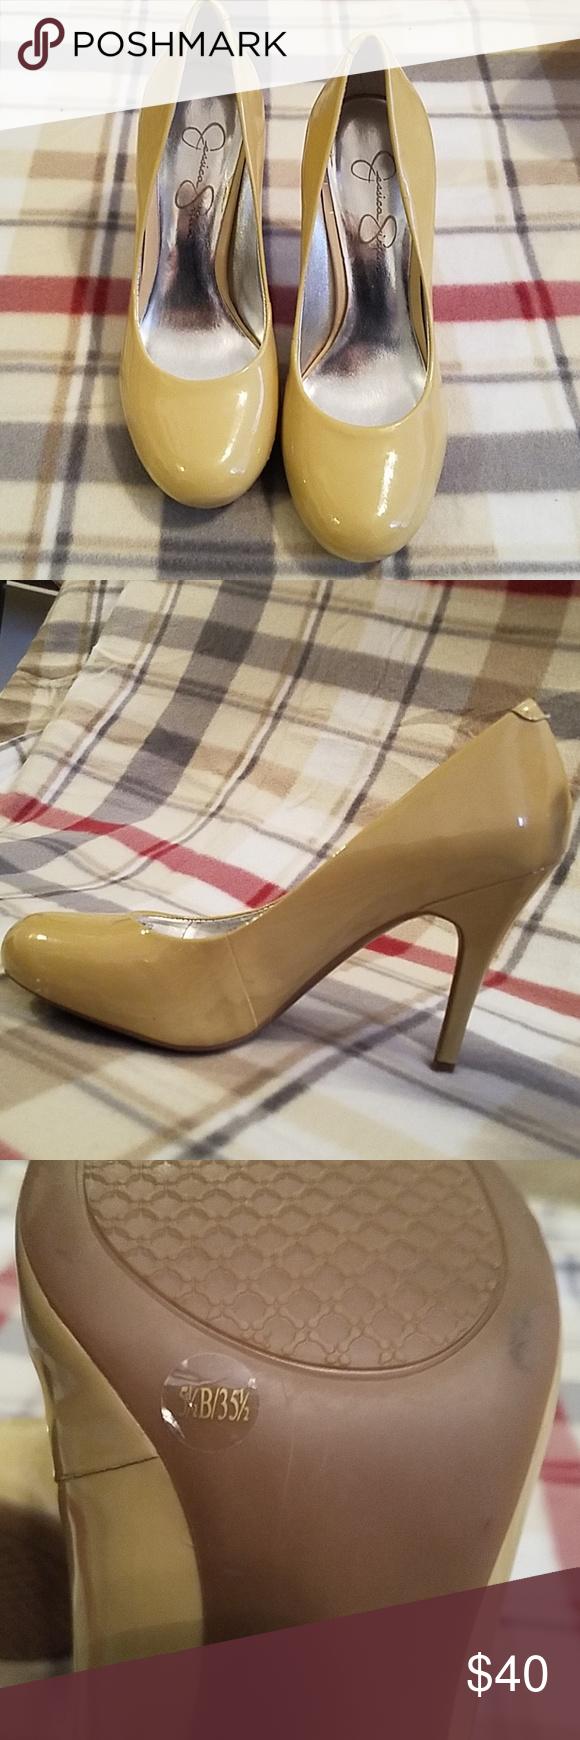 c35421edaf3 Jessica Simpson shoes Jessica Simpson beige shoes barely worn Jessica  Simpson Shoes Heels